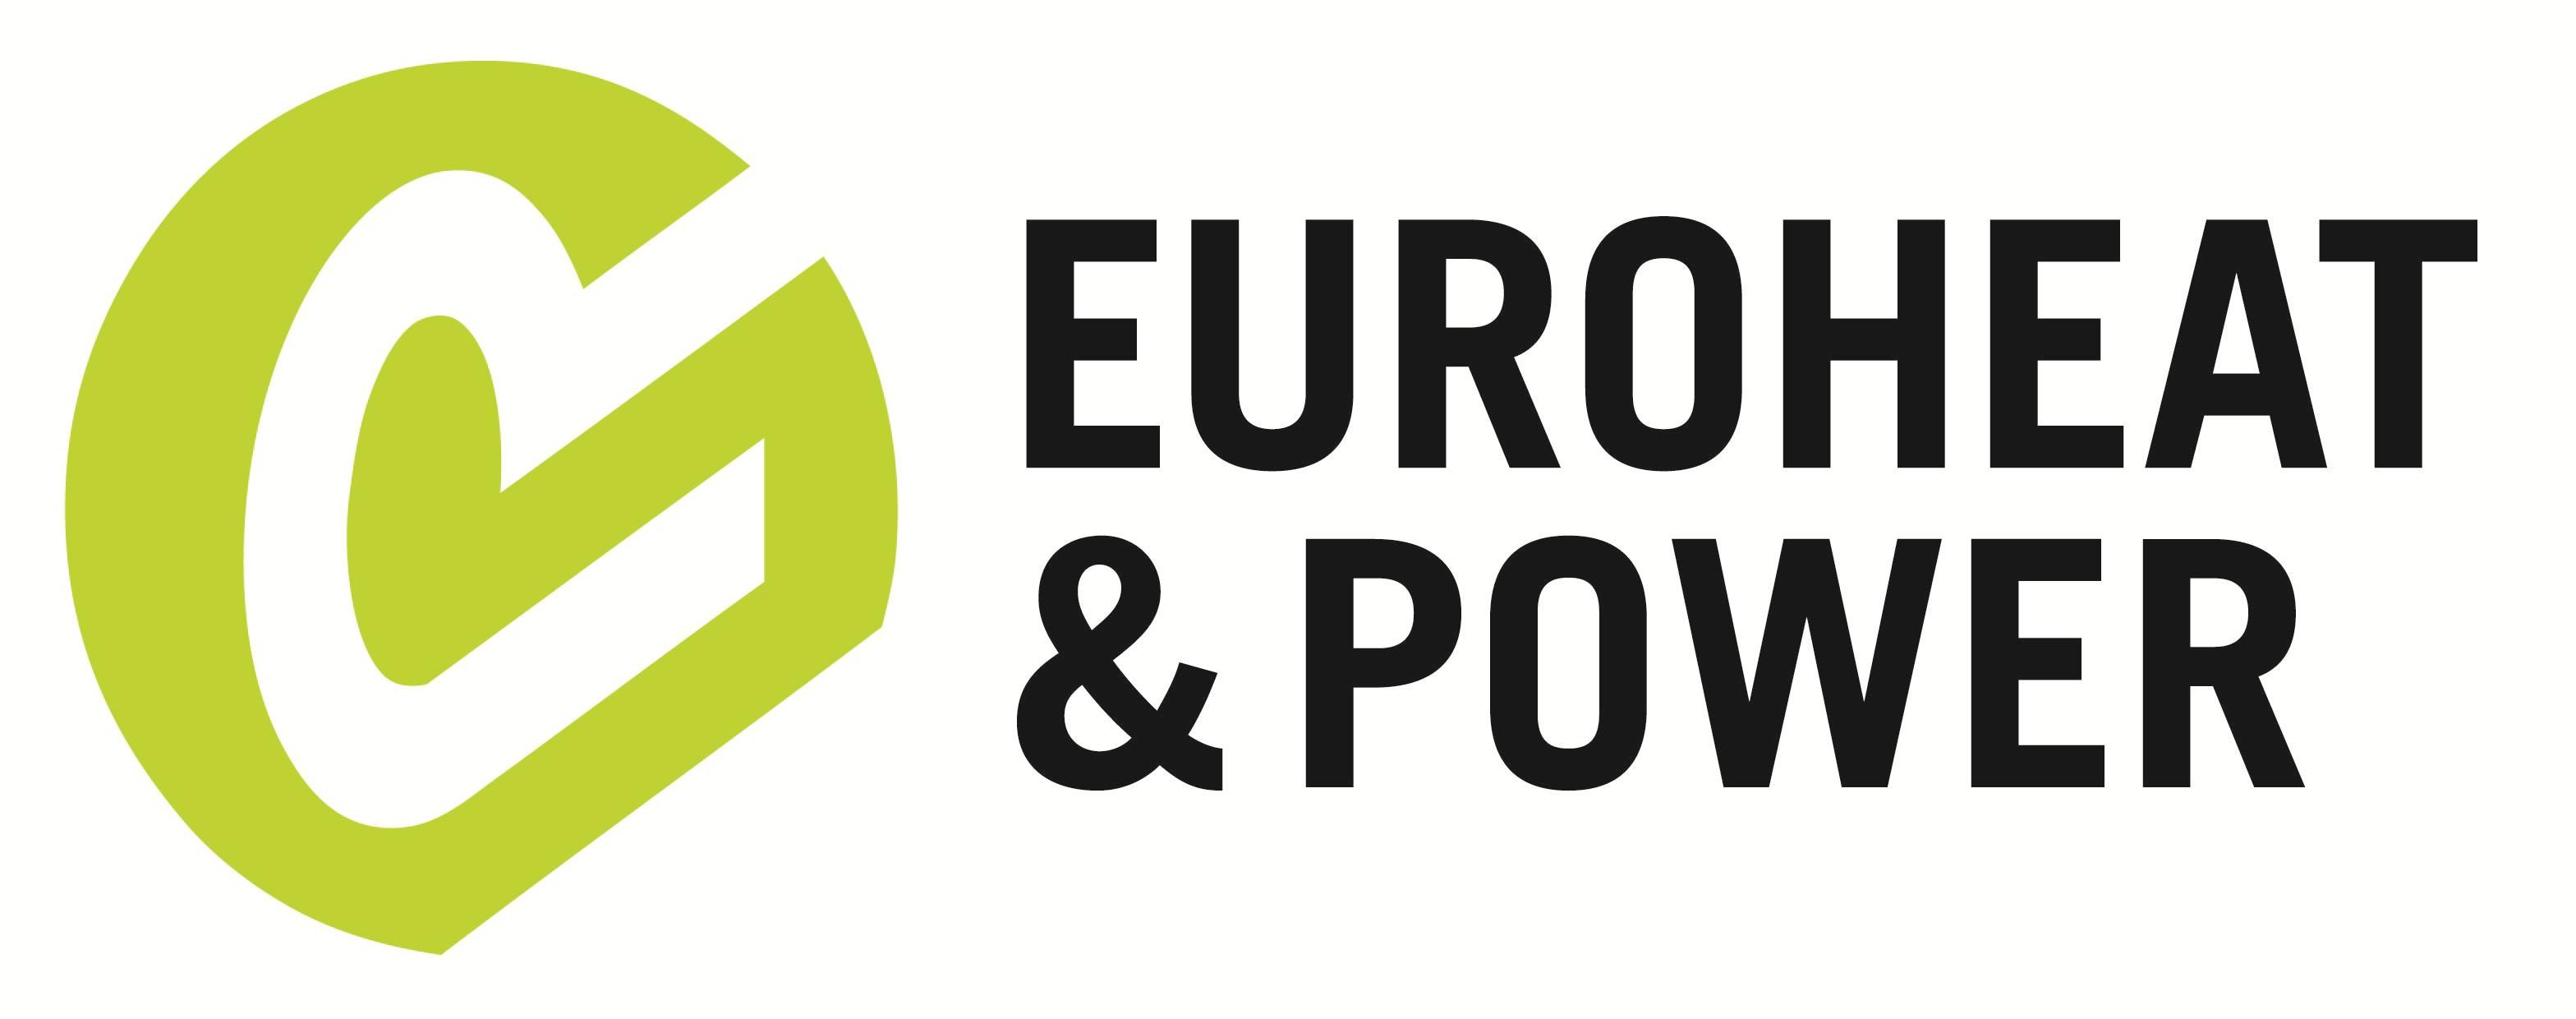 Euroheat & Power Congress 2019